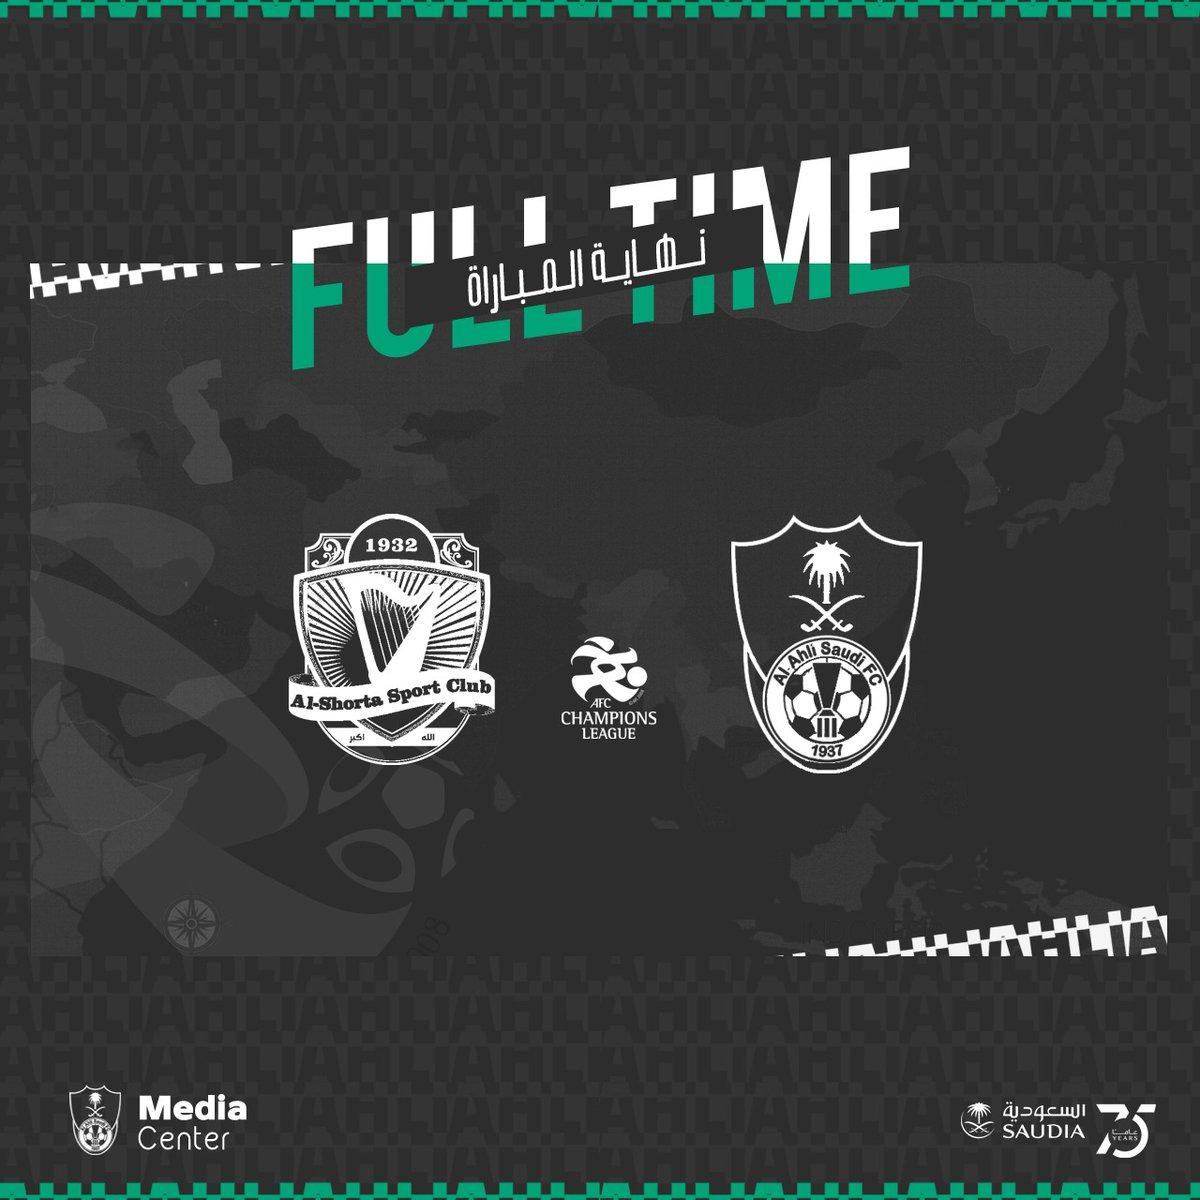 نهاية المباراة:  #الأهلي  1   vs   الشرطة العراقي  2  #الأهلي_الشرطة_العراقي   #دوري_أبطال_آسيا   #ACL2020 https://t.co/eX6oIVjvPV